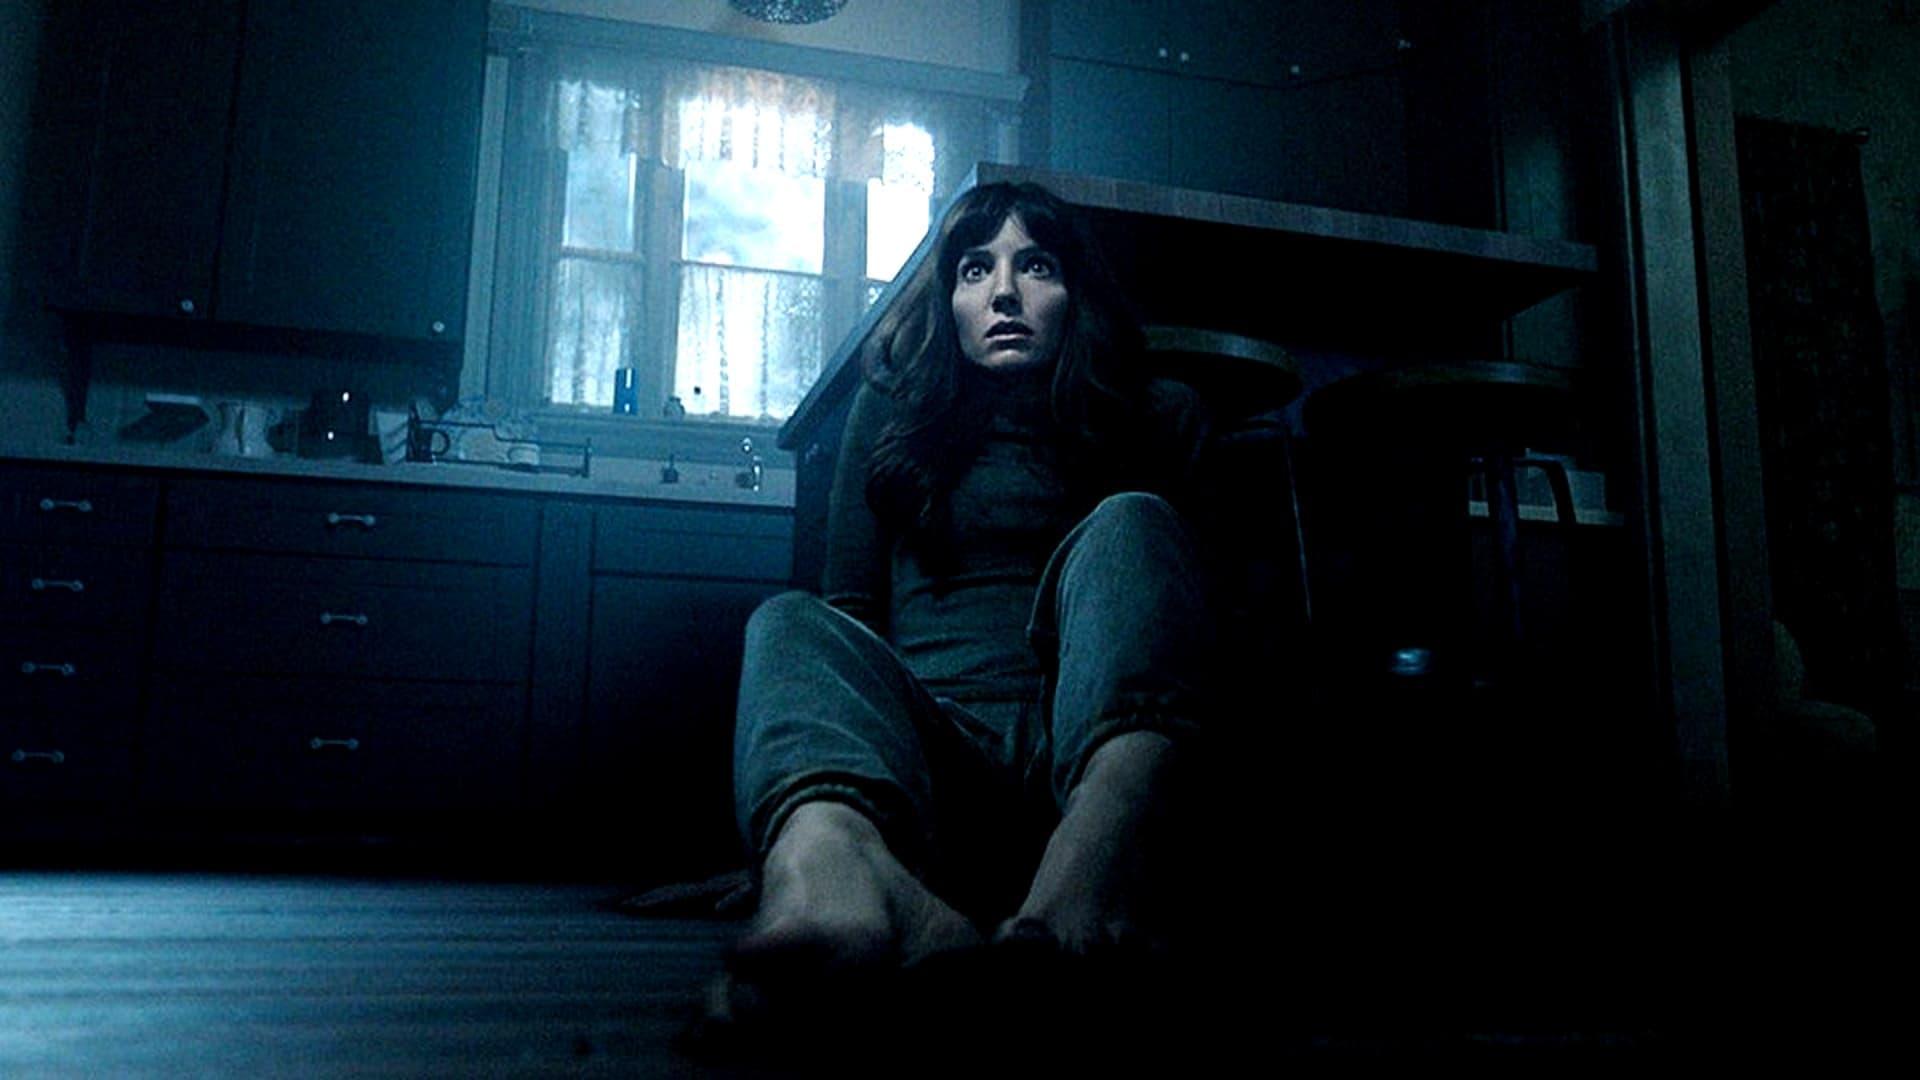 Del cine a HBO Max: Maligno, la nueva película de terror de James Wan